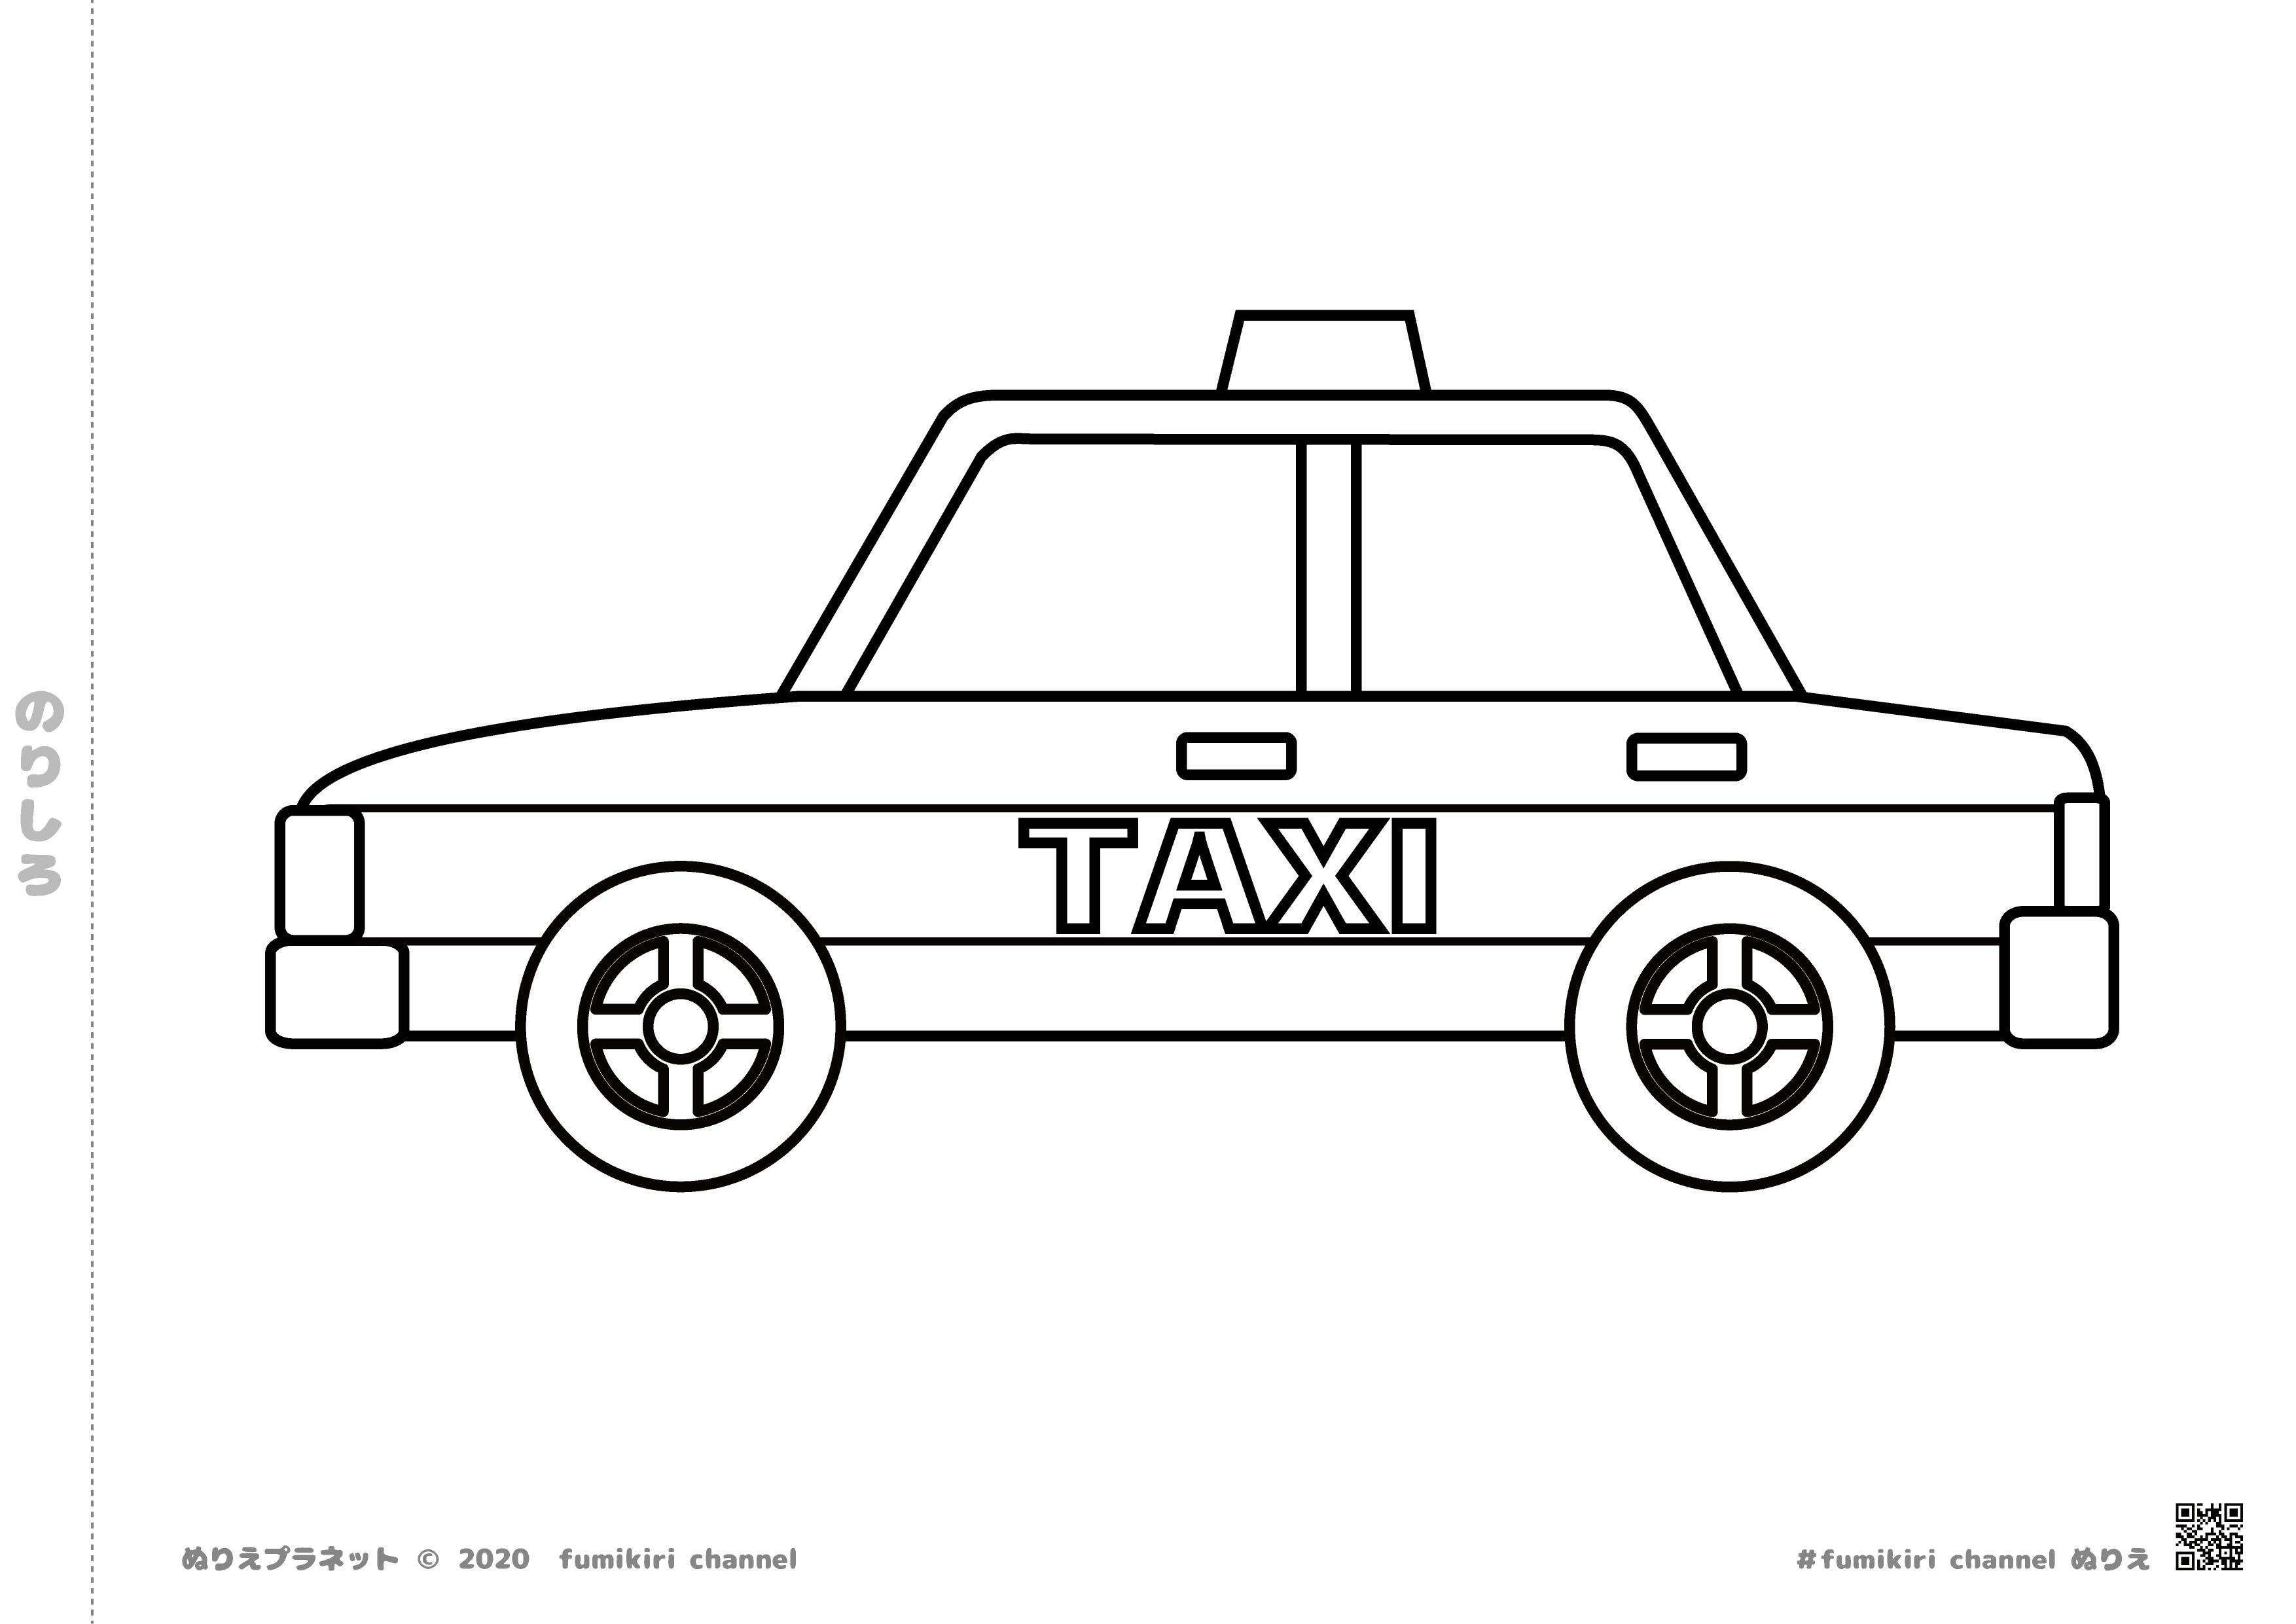 遠くまで乗せていってくれるタクシーのぬりえ